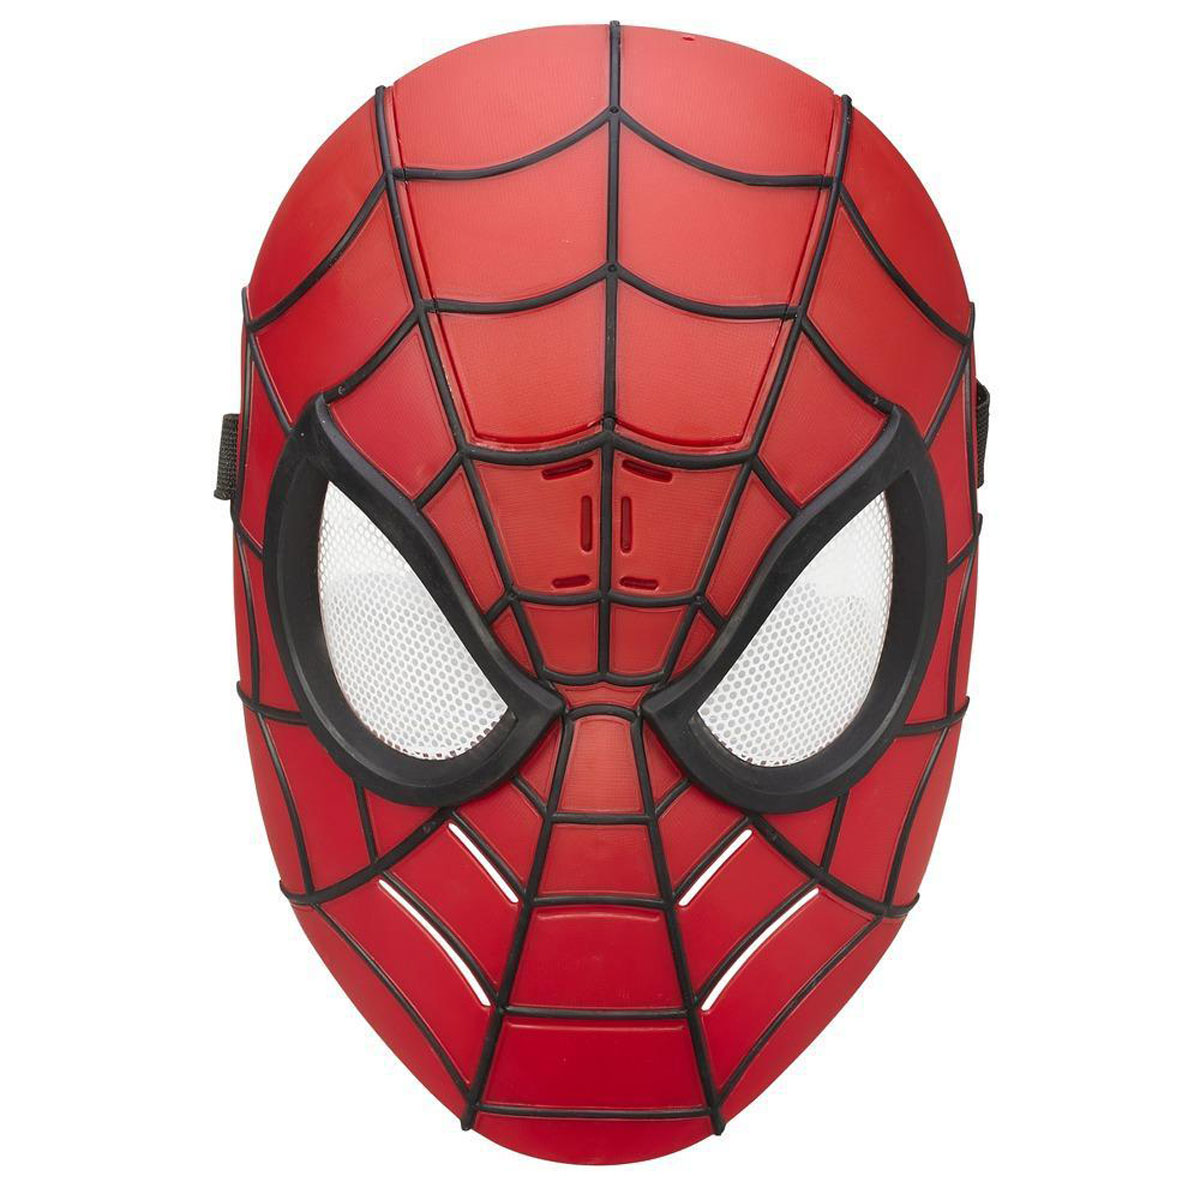 """У вашего ребенка намечается детский утренник, бал-маскарад или карнавал? Озвученная маска Spider-man """"Человек-паук"""" внесет нотку задора и веселья в праздник и станет завершающим штрихом в создании праздничного образа. Маска имеет прорези для глаз с сетчатыми пластиковыми вставками и держится на голове при помощи эластичных ремешков на липучке. Человек-паук - супергерой, получивший суперсилу, увеличенную ловкость, """"паучье чутье"""", а также способность держаться на отвесных поверхностях и выпускать паутину из рук. Теперь он готов наказать злодеев, которые покушаются на покой его родного города! Перевоплотитесь в своего любимого супергероя с этой маской! Рекомендуется докупить 2 батарейки напряжением 1,5V типа ААА (товар комплектуется демонстрационными)."""